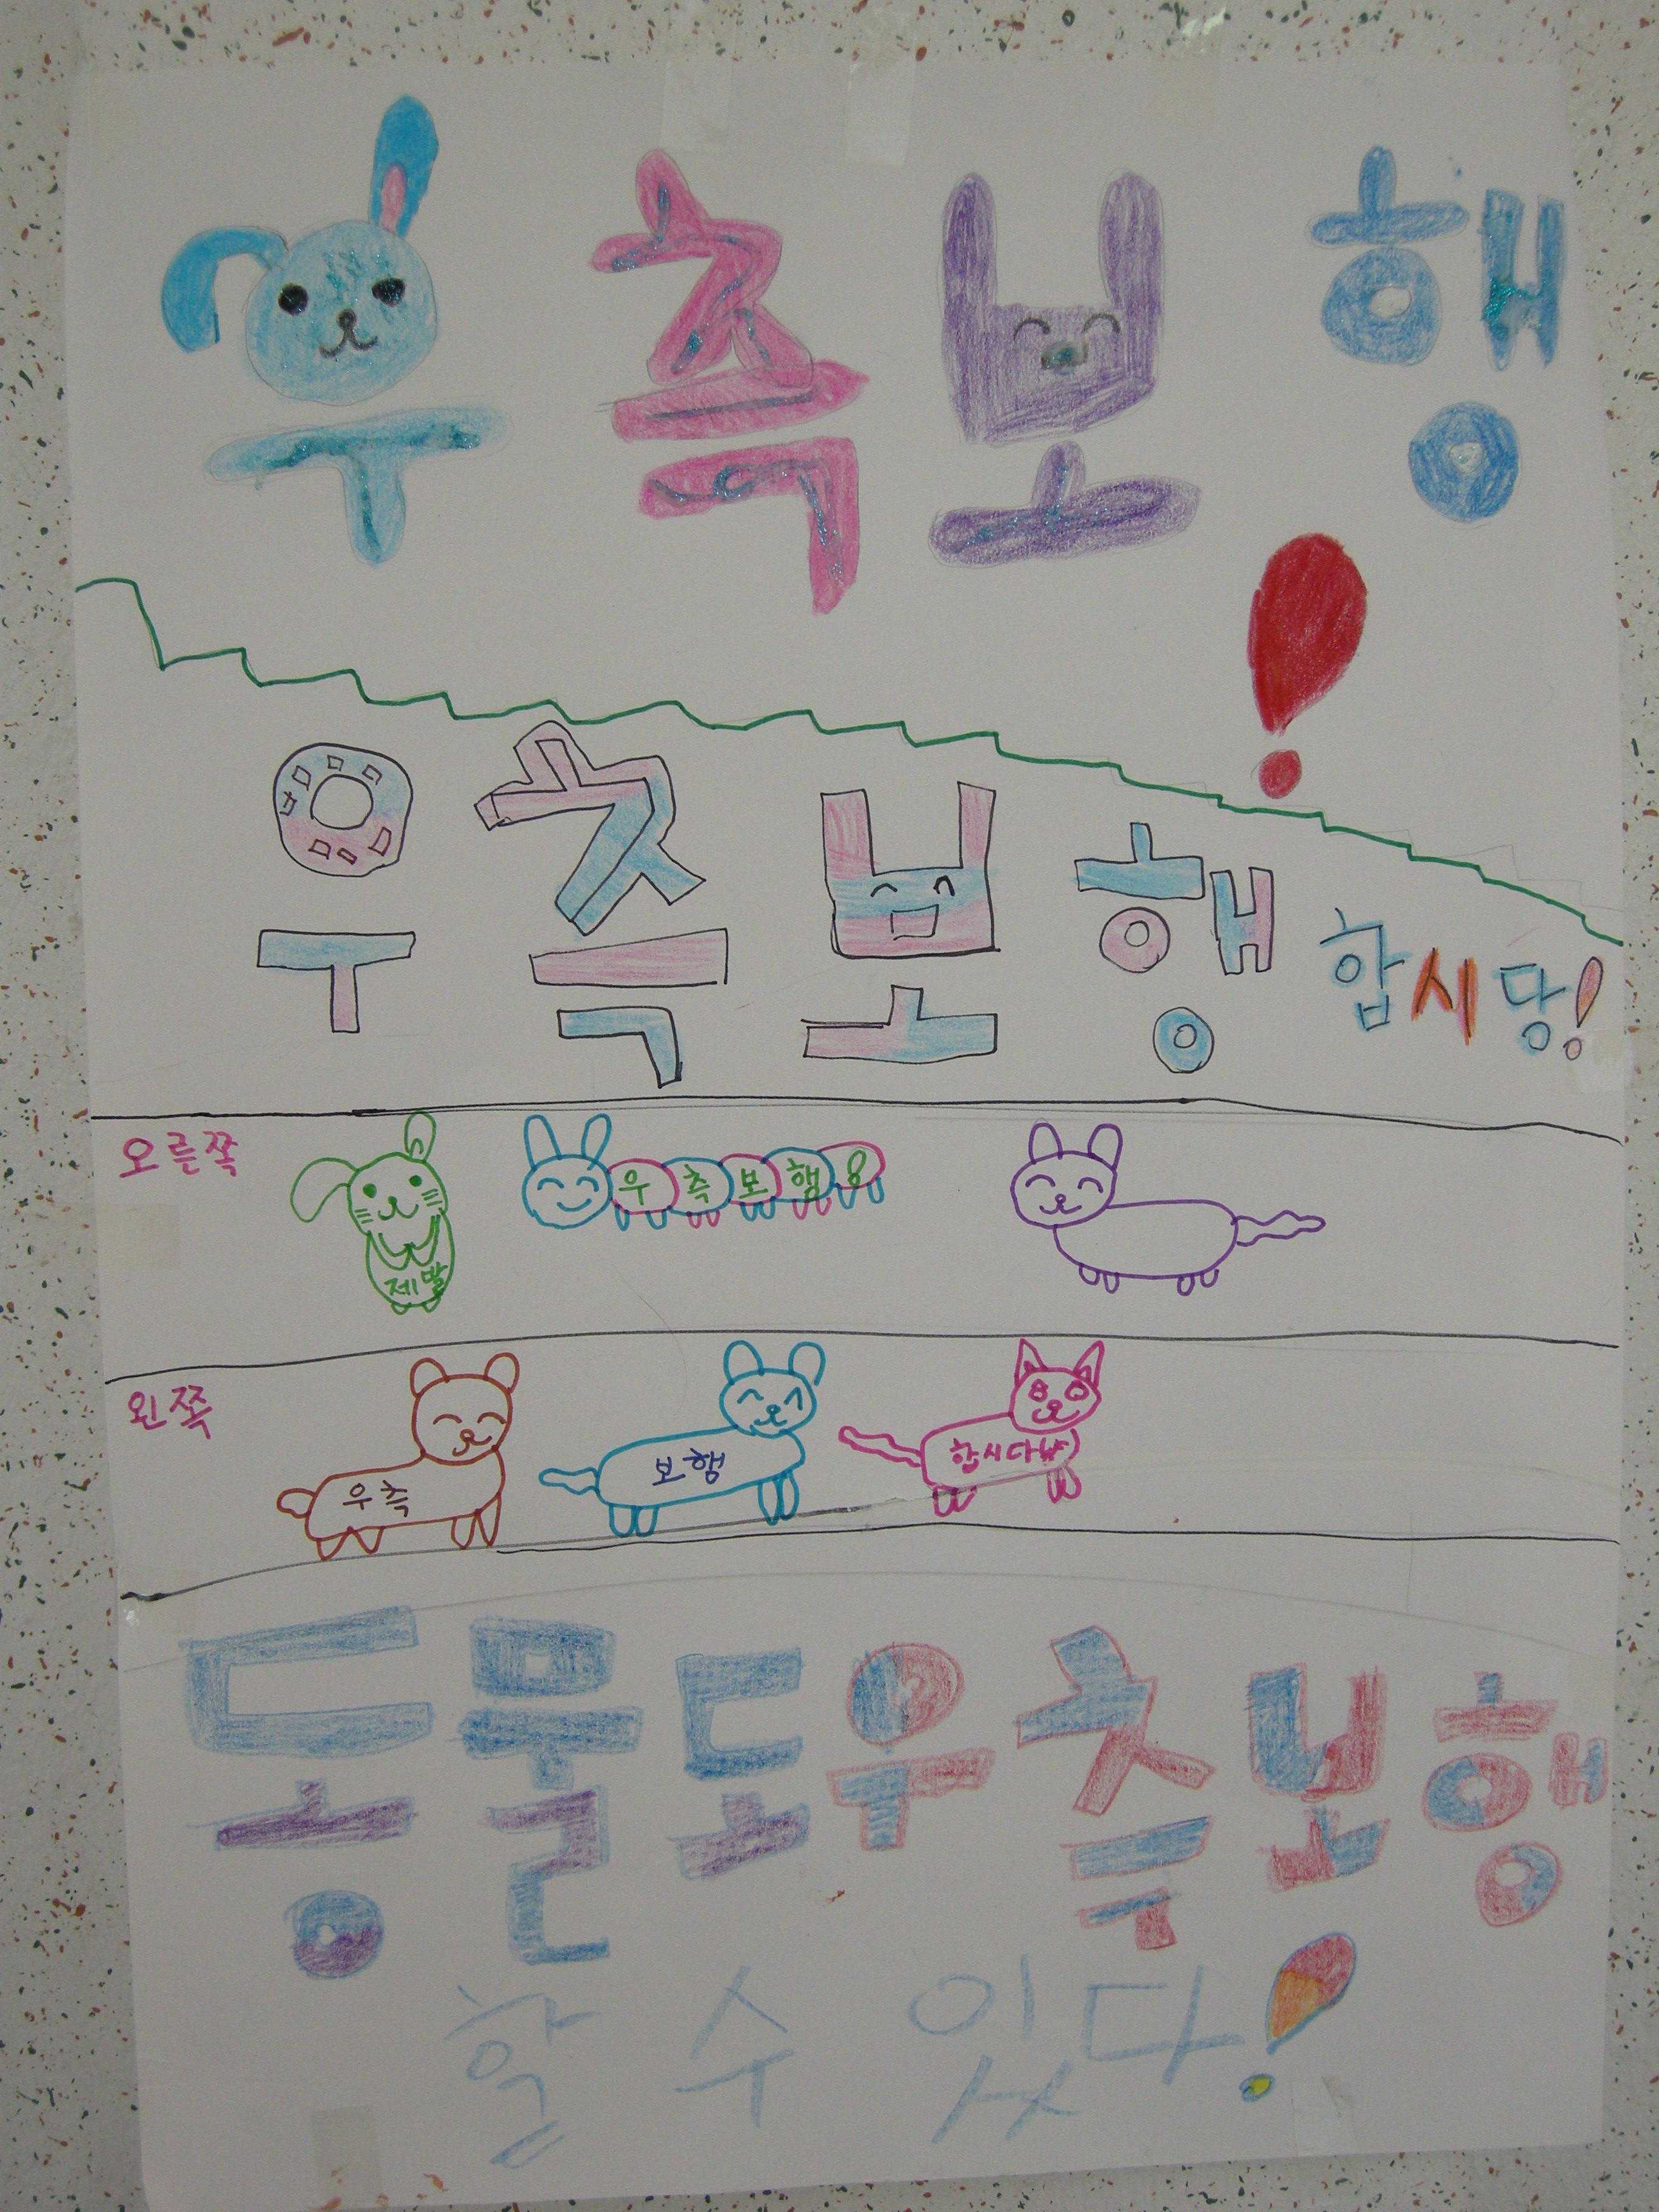 [일반] 학생자치회 부서별 활동의 첨부이미지 3